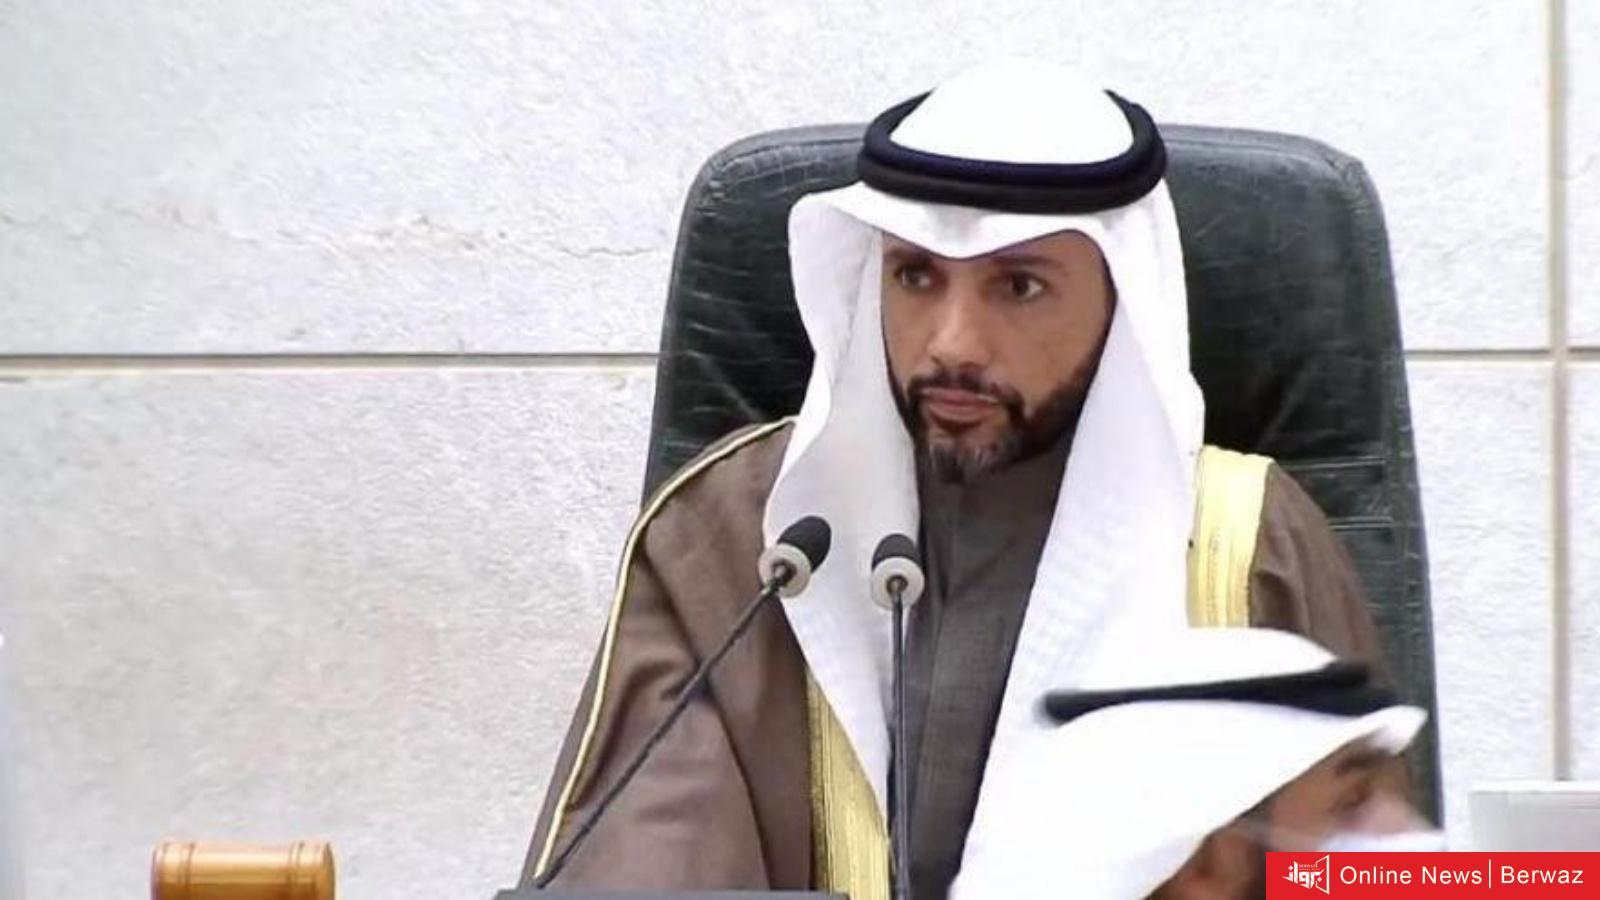 1 5 - الرئيس الغانم من مقاعد النواب: قبل أن تضعوا الحل نتمنى أن يتم الإستماع إلى المتضررين من تداعيات القرار